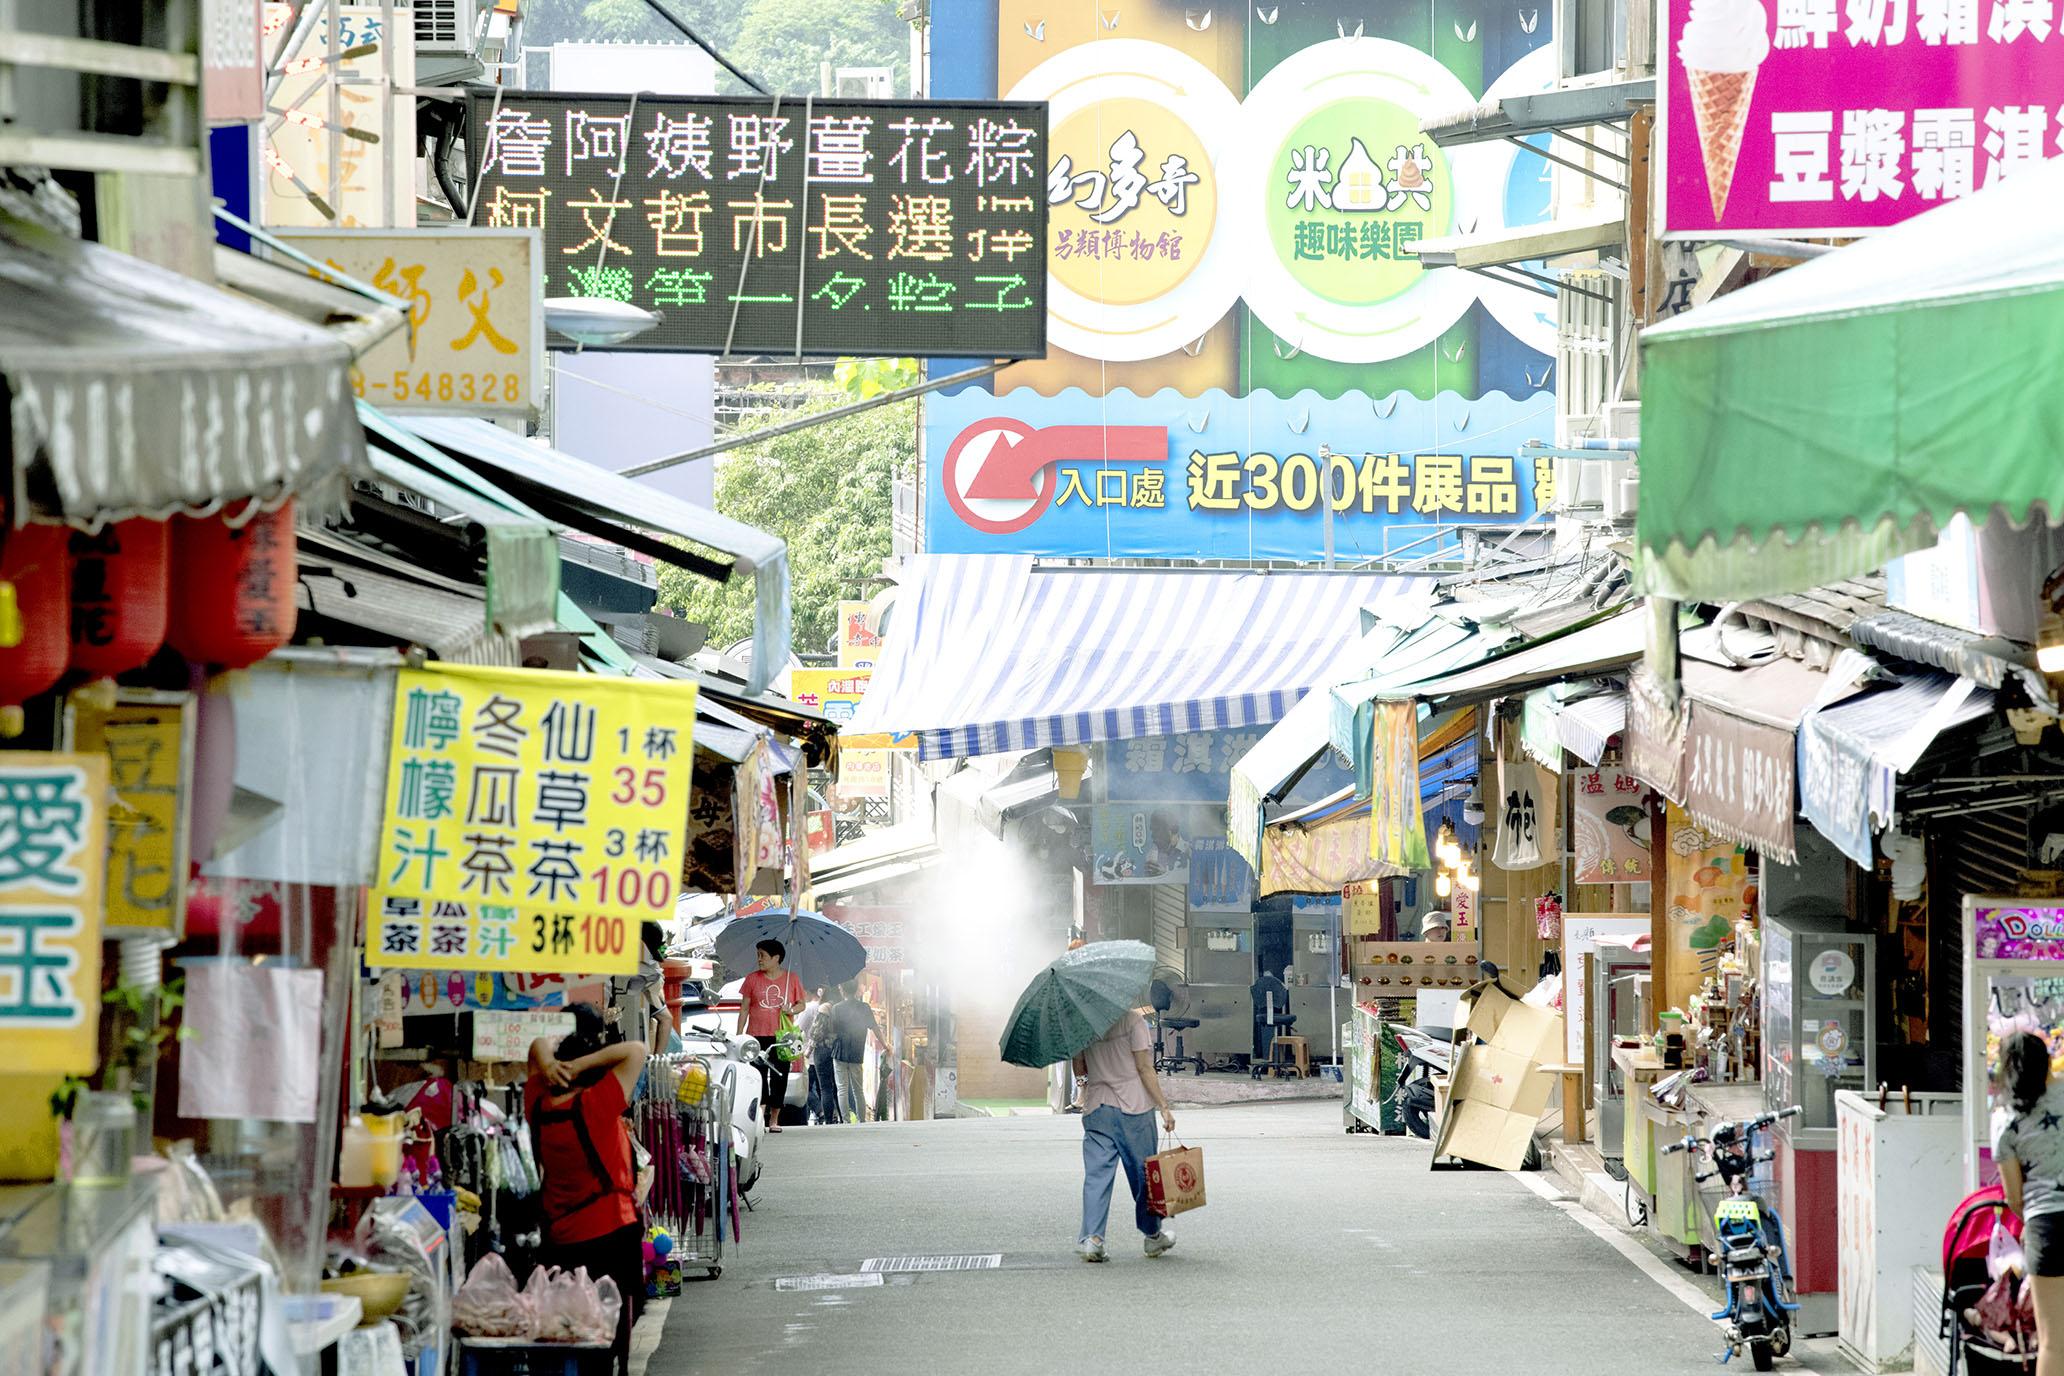 新竹縣大山背嚐鮮之旅,老大份農場採果,重回懷舊內灣老街 中台灣好玩卡